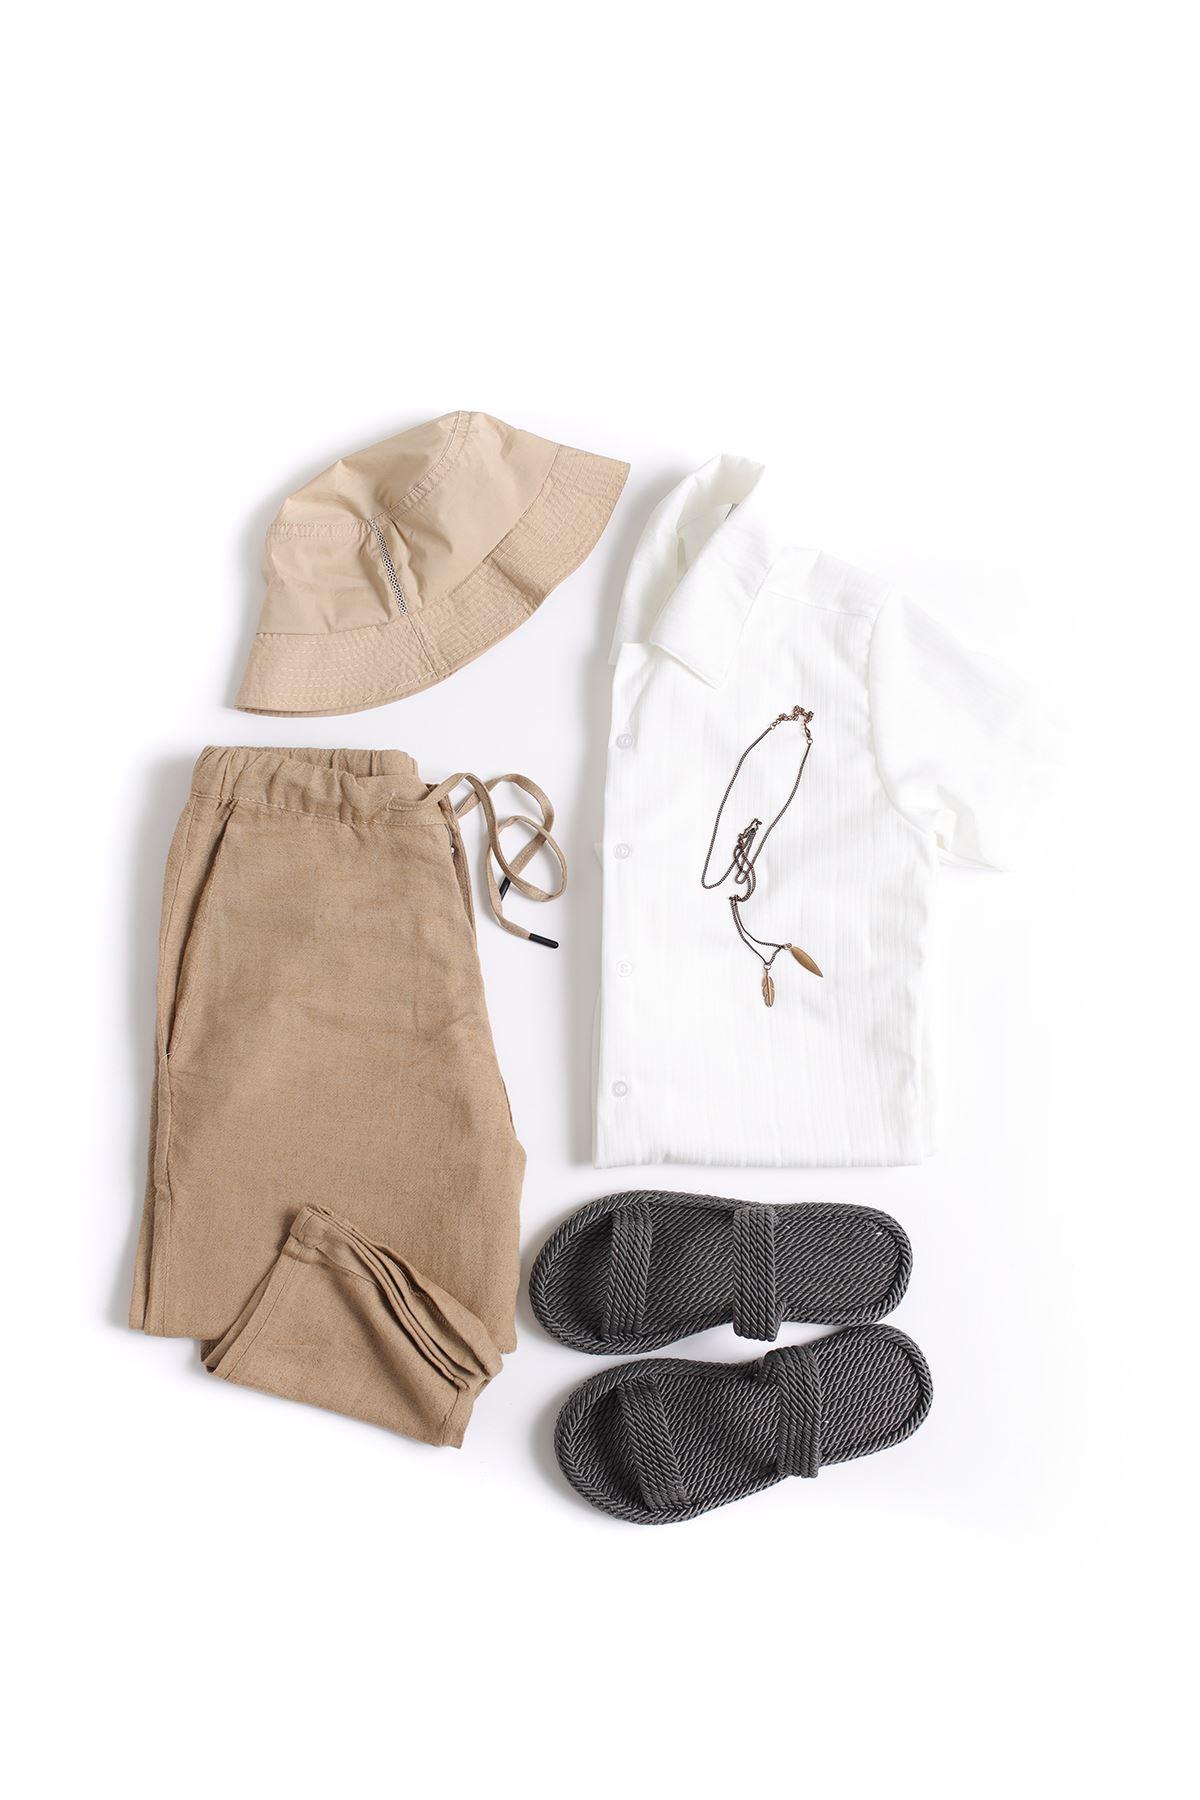 Beyaz Triko Gömlek Vizon Düz Paça Klasik Jogger Kombin